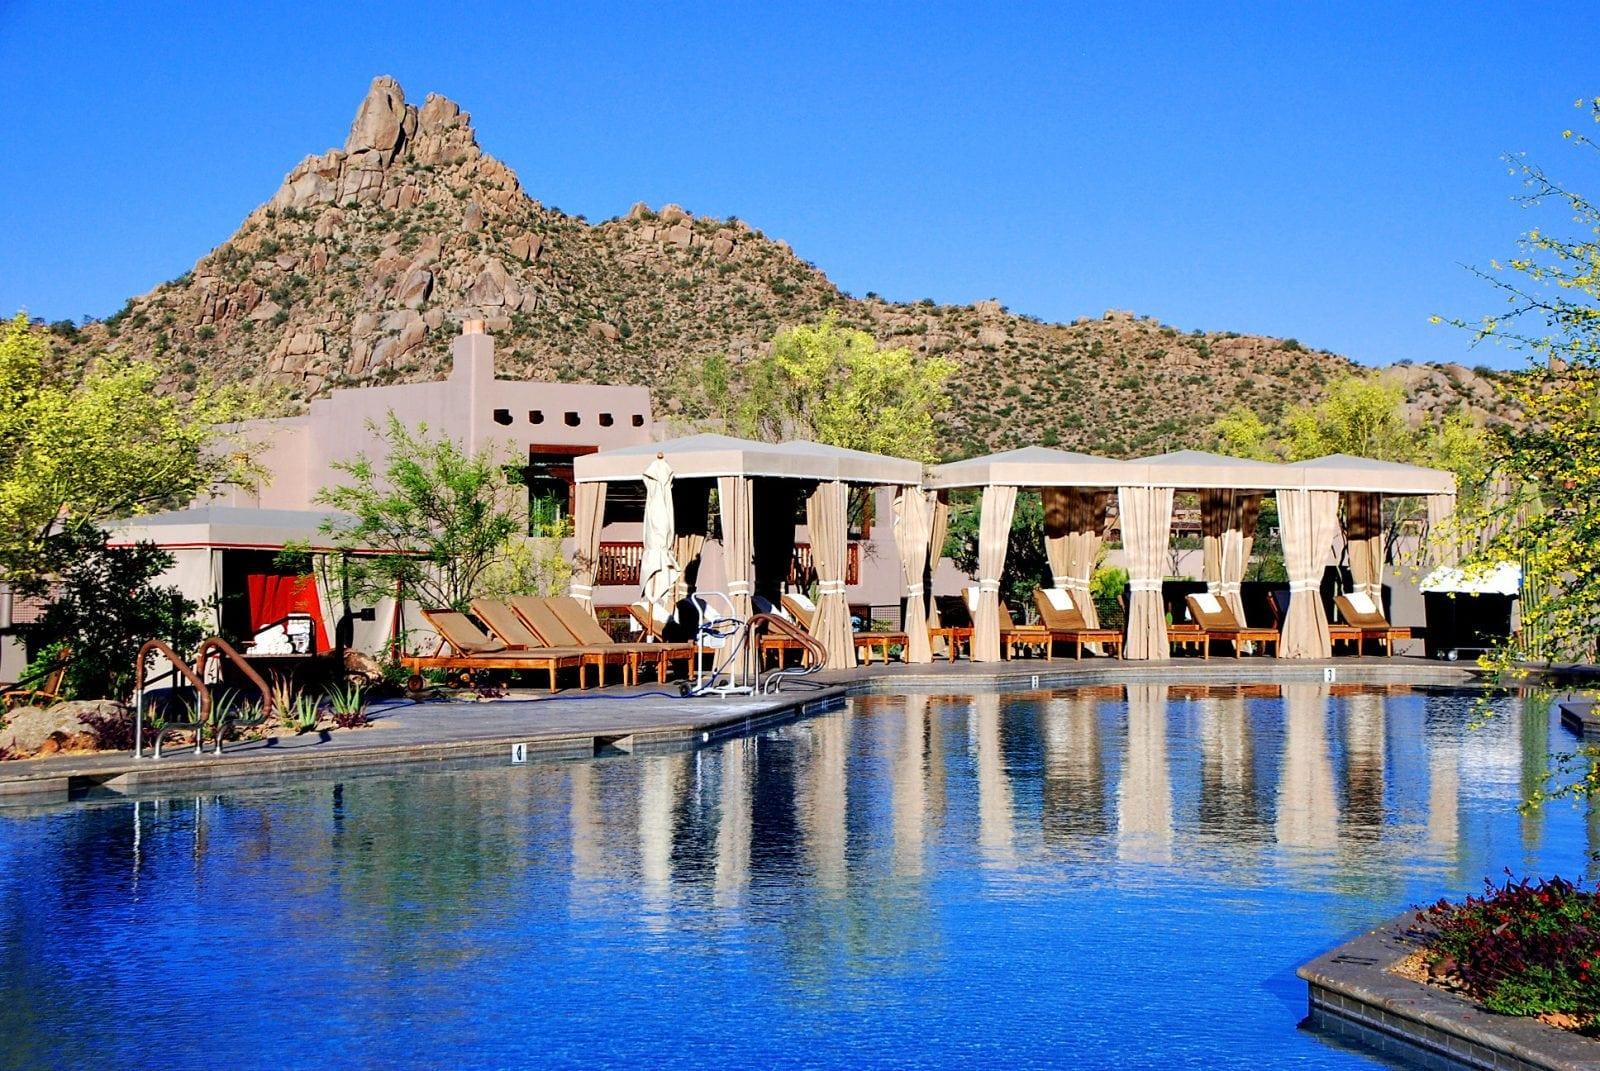 Four Seasons Resort at Troon North Scottsdale Arizona - Primăvară cu iz american